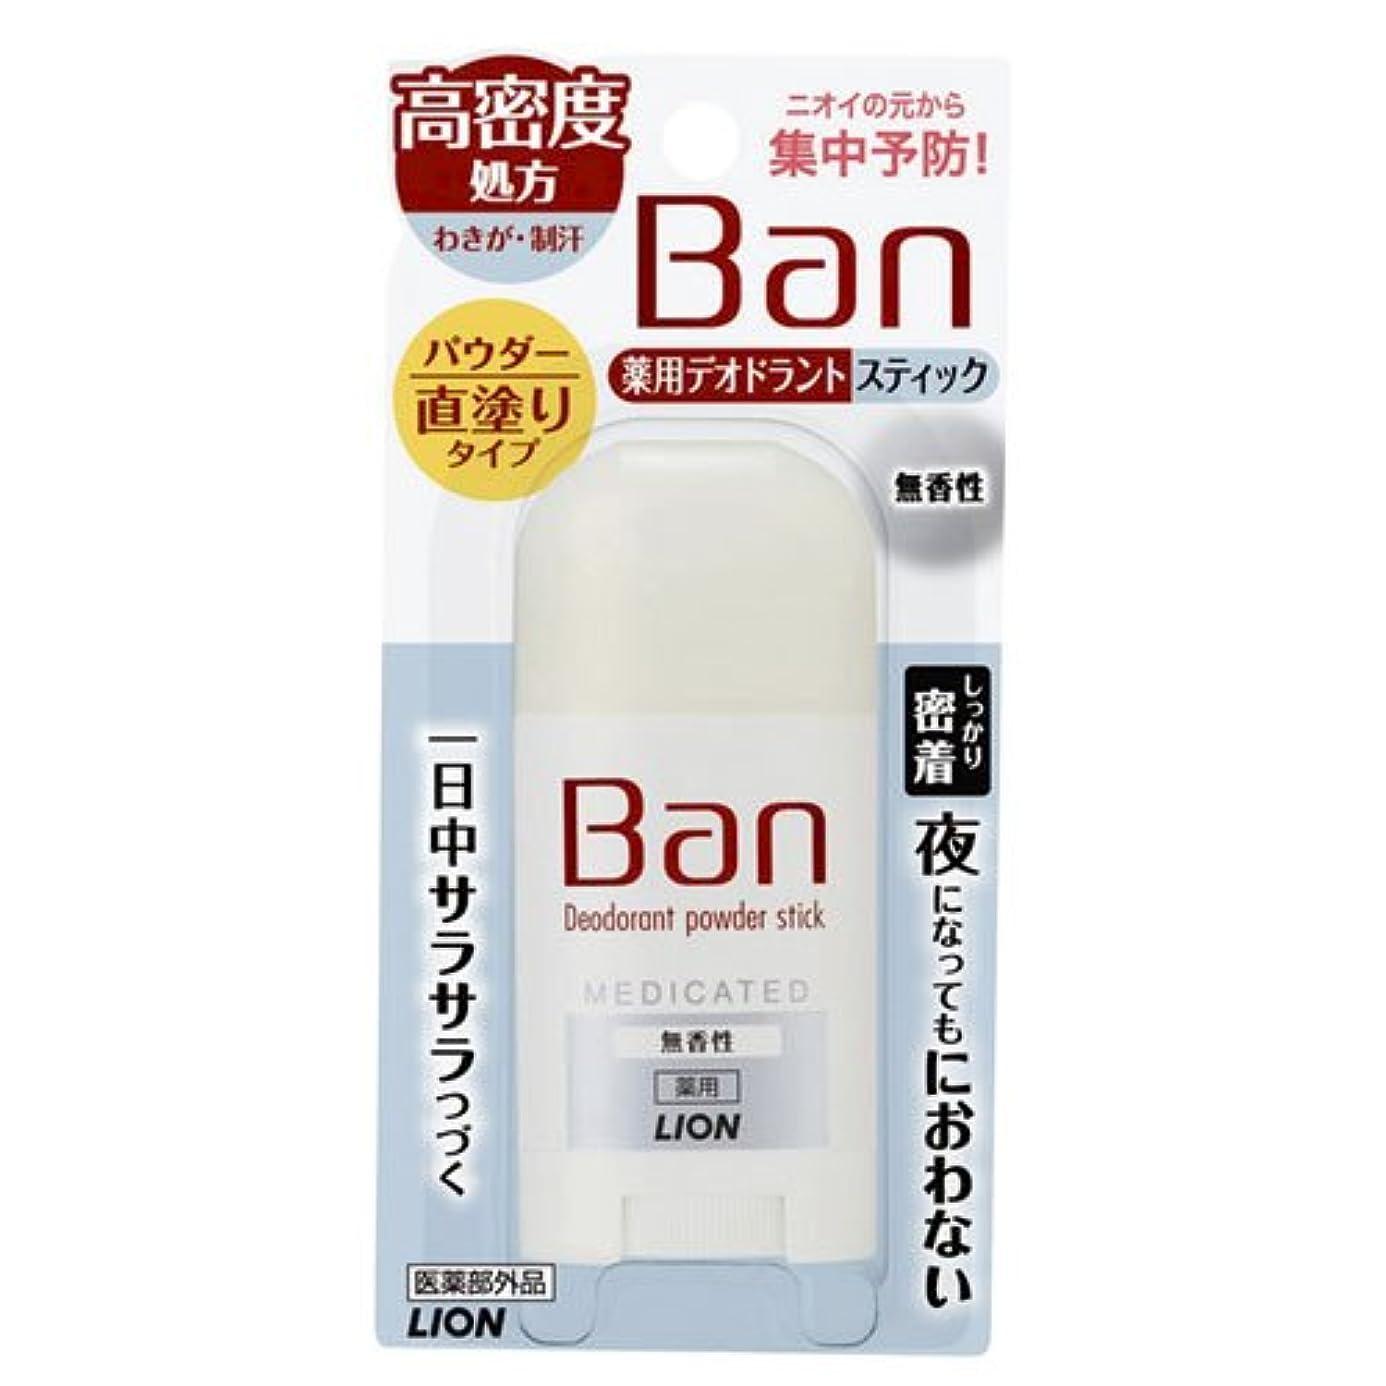 刺激する解釈する悪性のBan(バン) 薬用デオドラントスティック高密度処方 無香性 20g